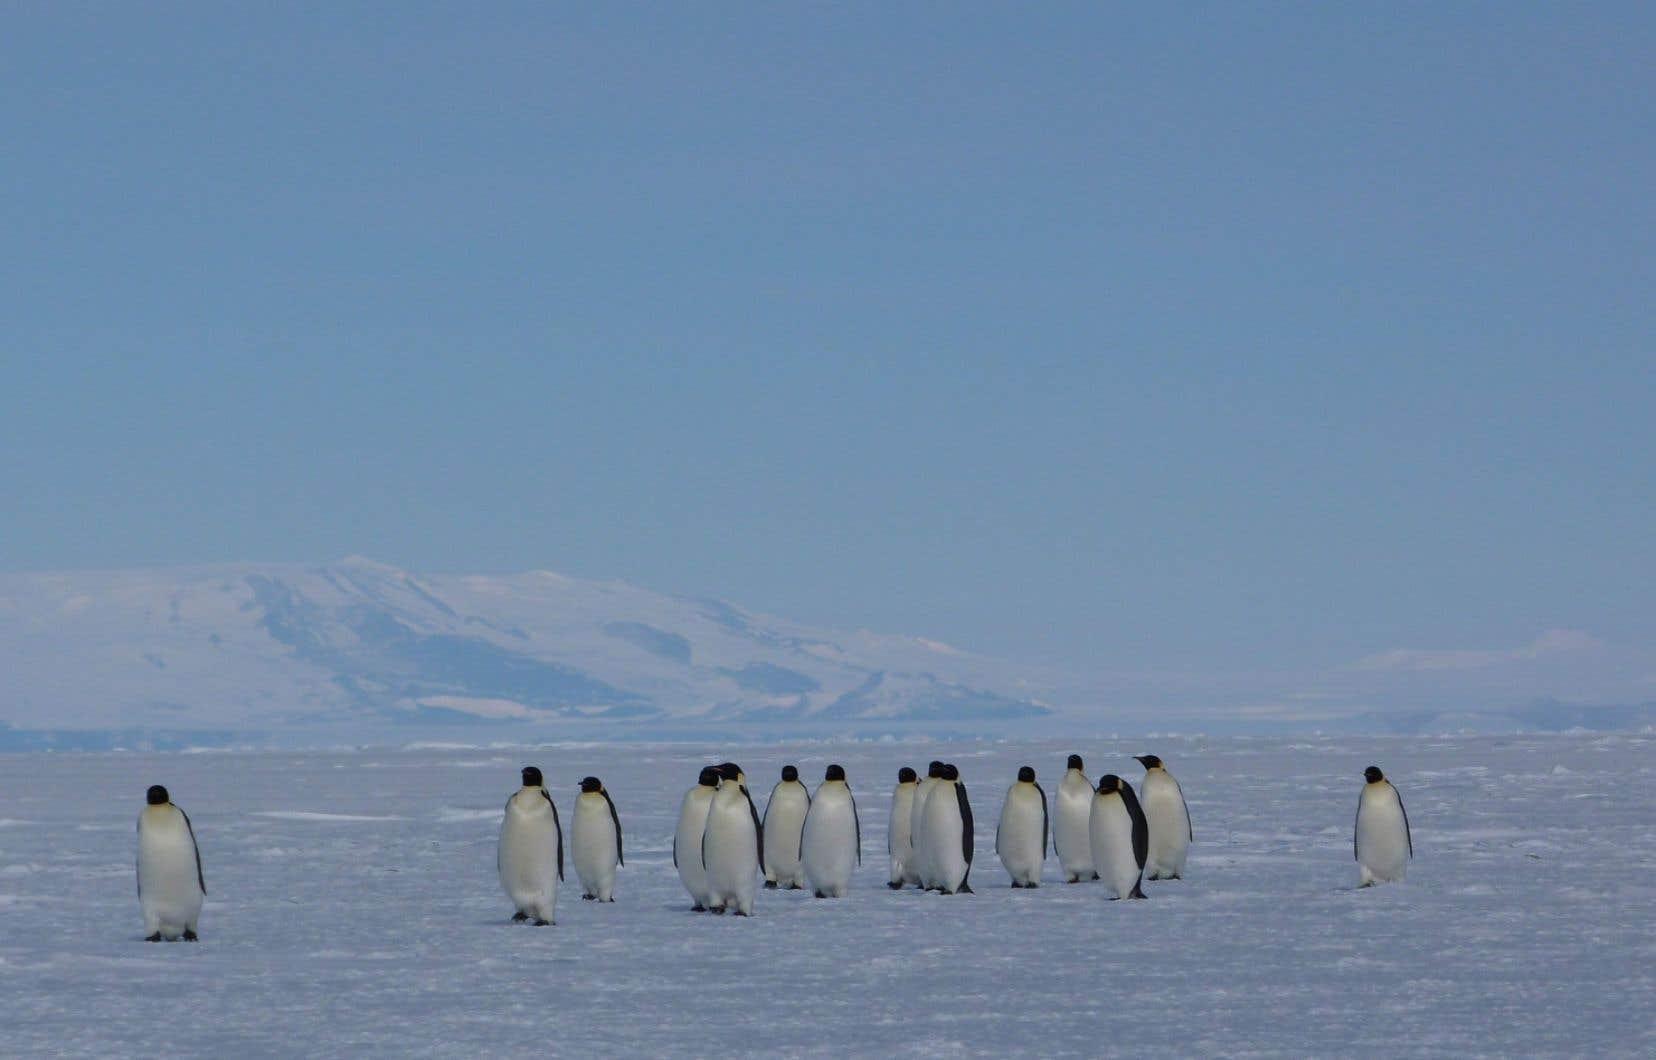 L'Antarctique est de plus en plus convoitée par différents pays. La Chine et la Russie ont d'ailleurs bloqué en novembre deux projets de création d'aires marines protégées dans la région.